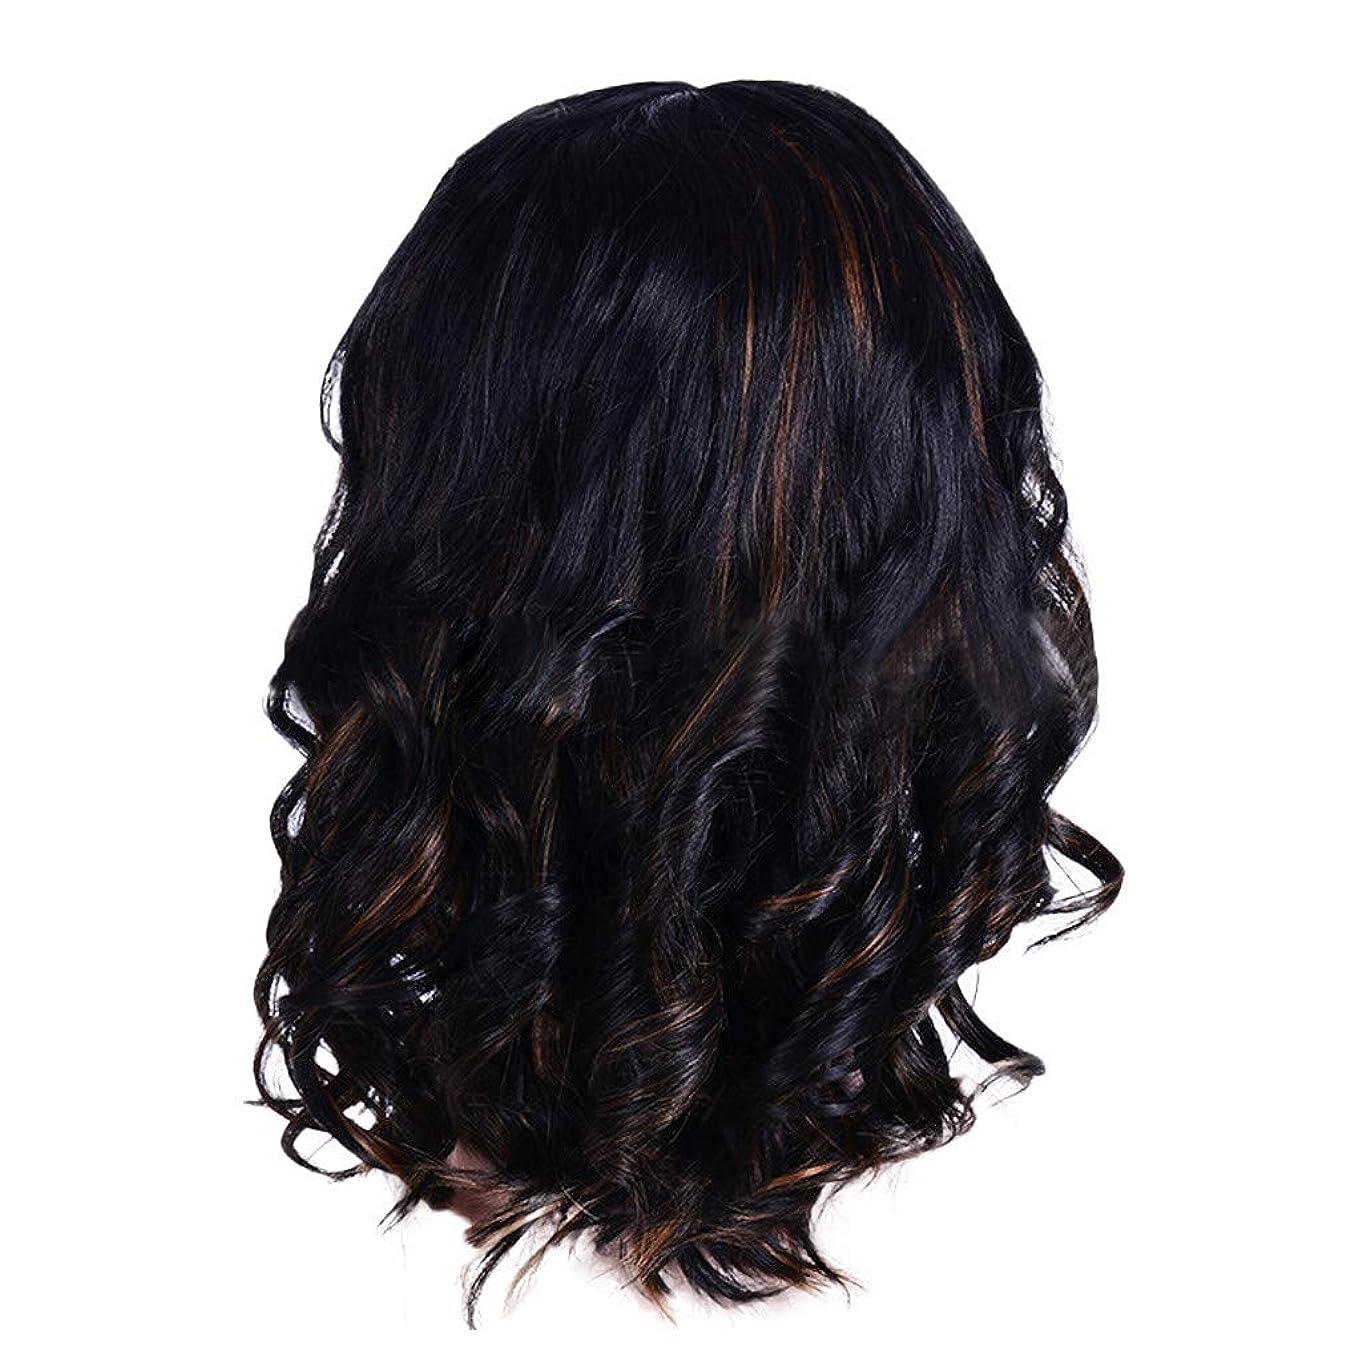 石炭鳩資料ウィッグの女性の短い巻き毛の黒ボブエレガントなファッションウィッグ